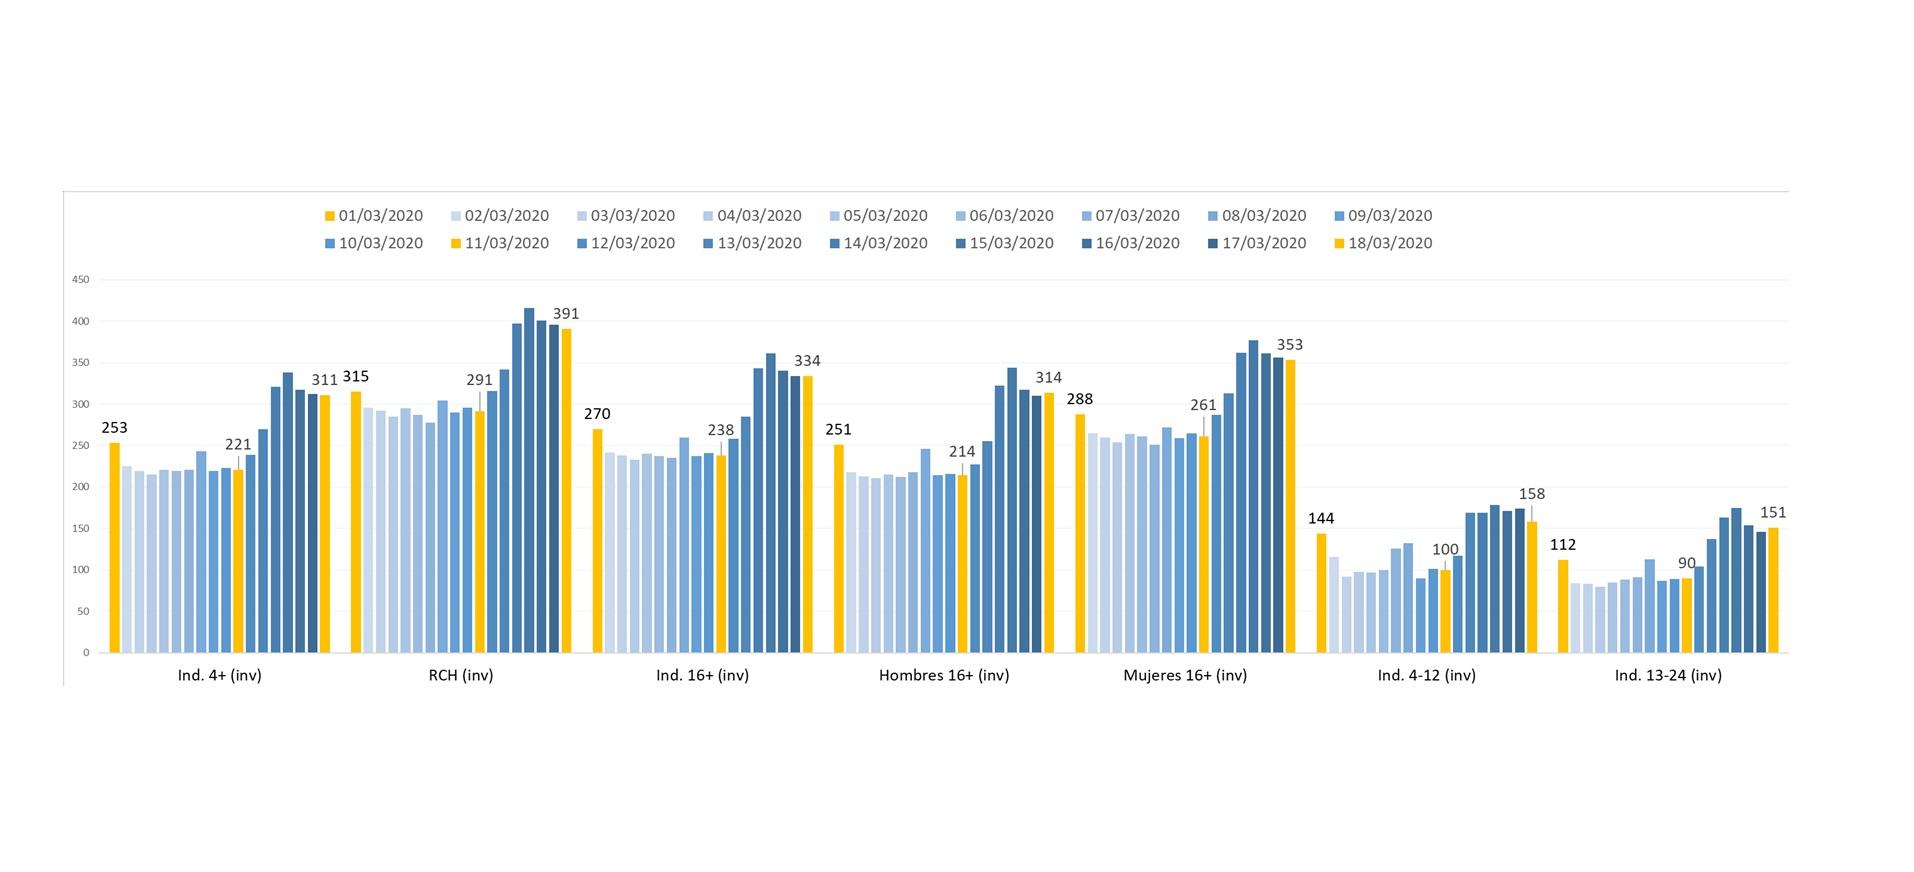 https://www.programapublicidad.com/wp-content/uploads/2020/03/evolución-consumo-minutos-principales-targets18-marzo-programapublicidad-1.jpg